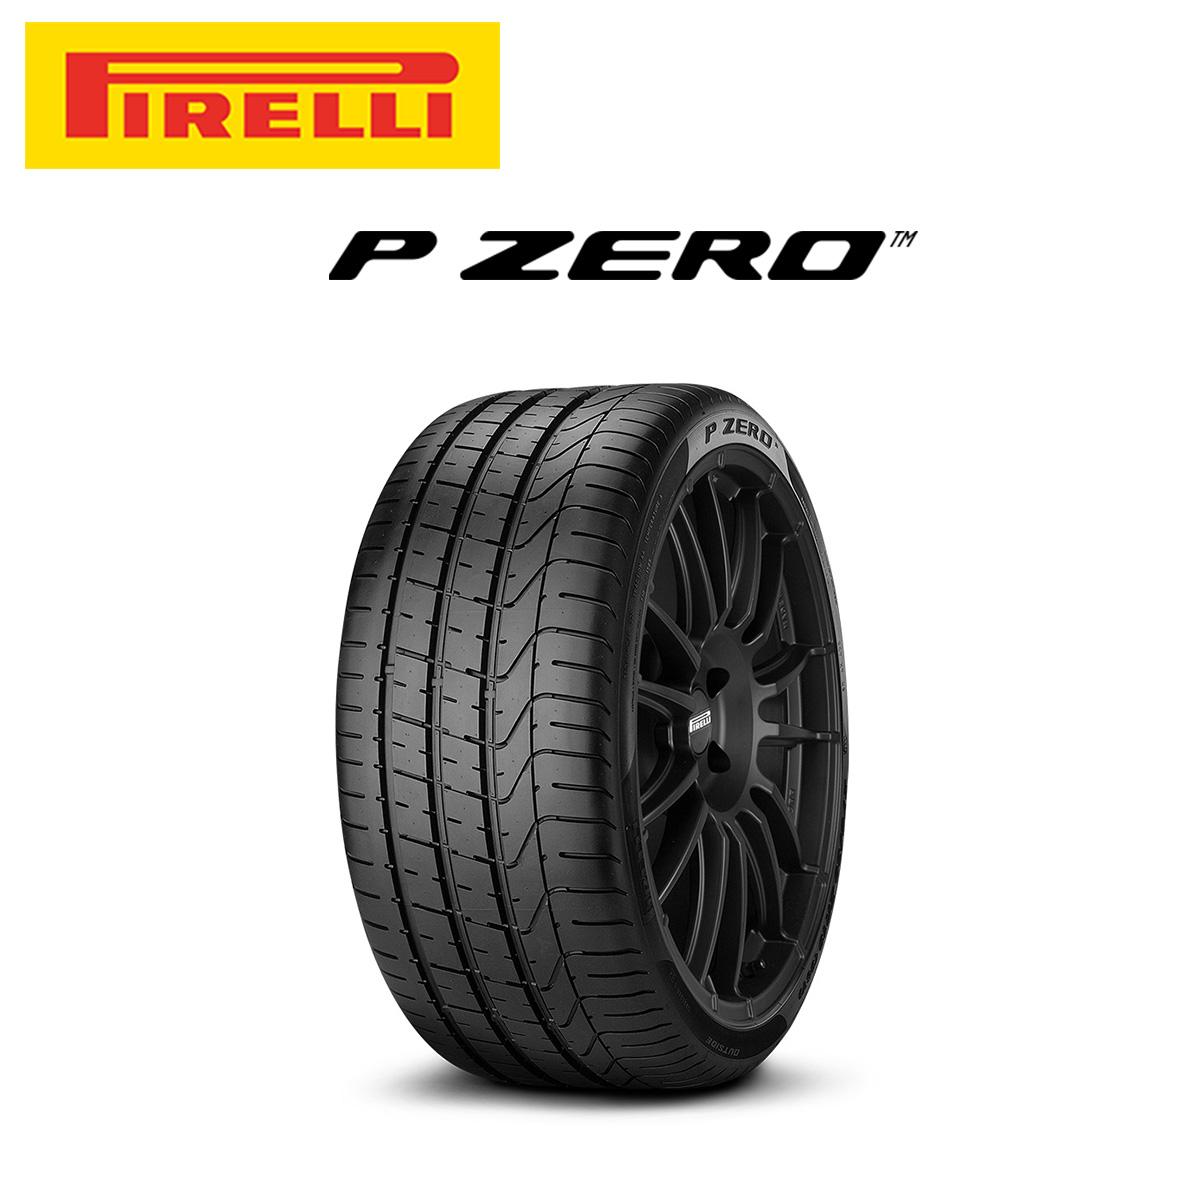 驚きの価格が実現! ピレリ PIRELLI P ZERO ピーゼロ 20インチ サマー タイヤ 4本 セット 235/45R20 100W XL MO:メルセデスベンツ承認タイヤ 1767300, マットラボ 6ae8cb26